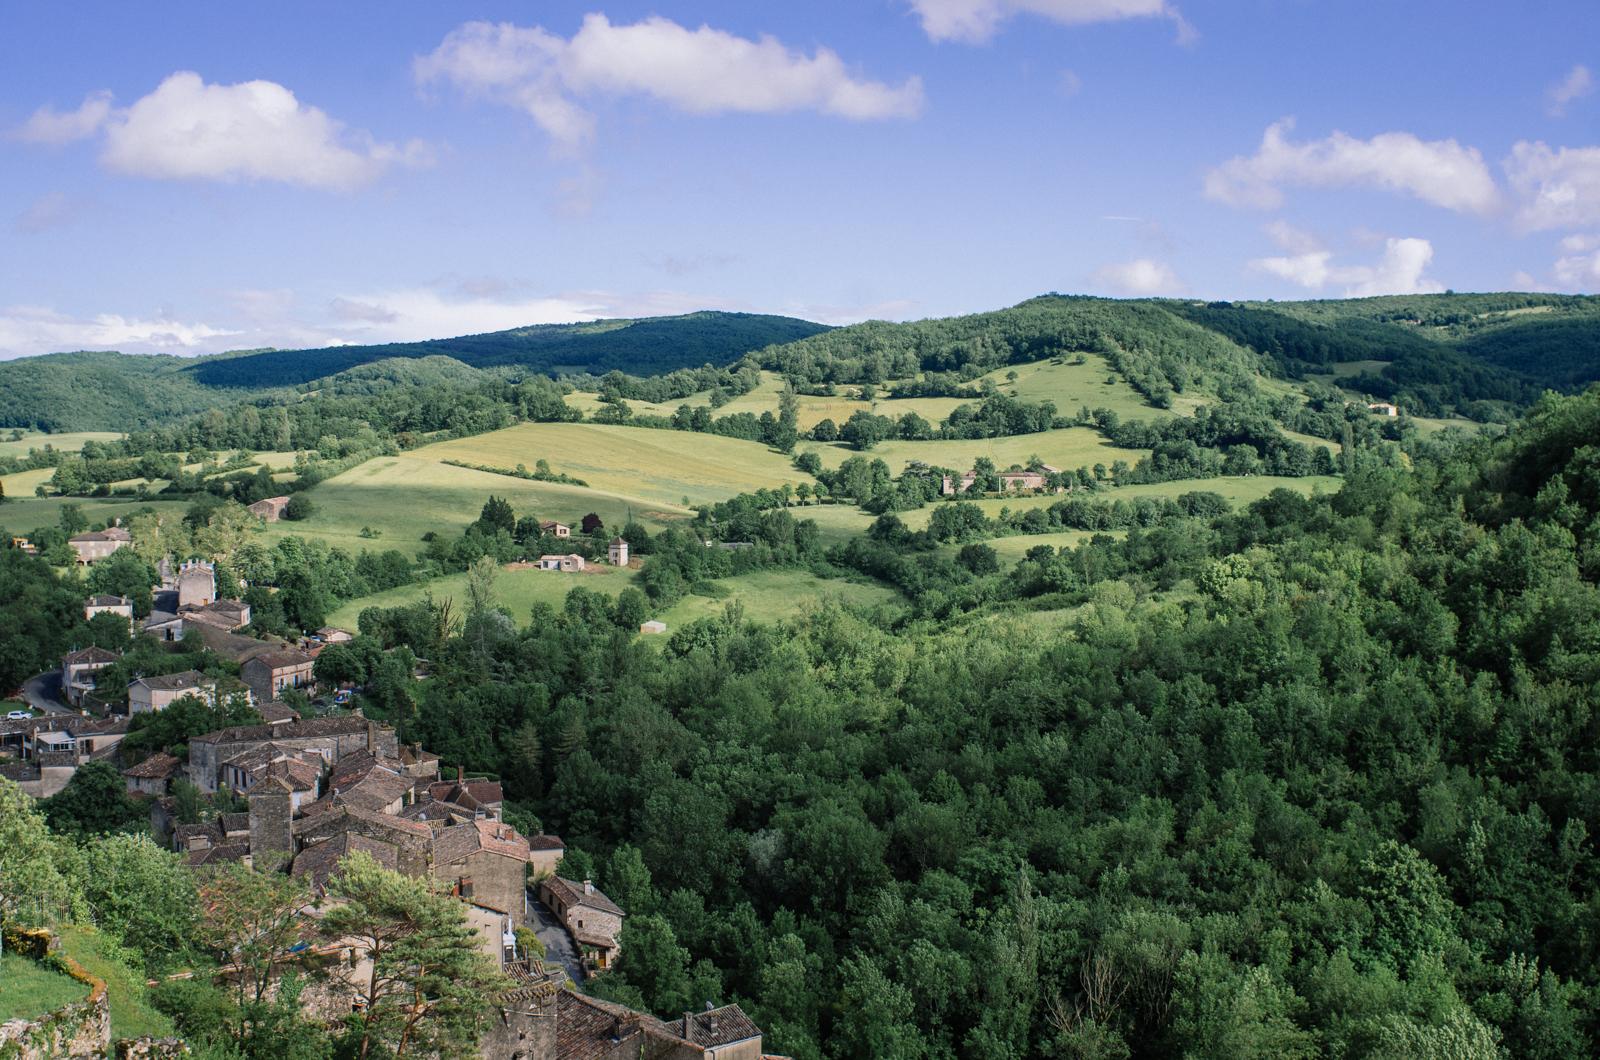 Randonnée dans les gorges de l'Aveyron sur le GR46 - Vue depuis le chateau de Penne